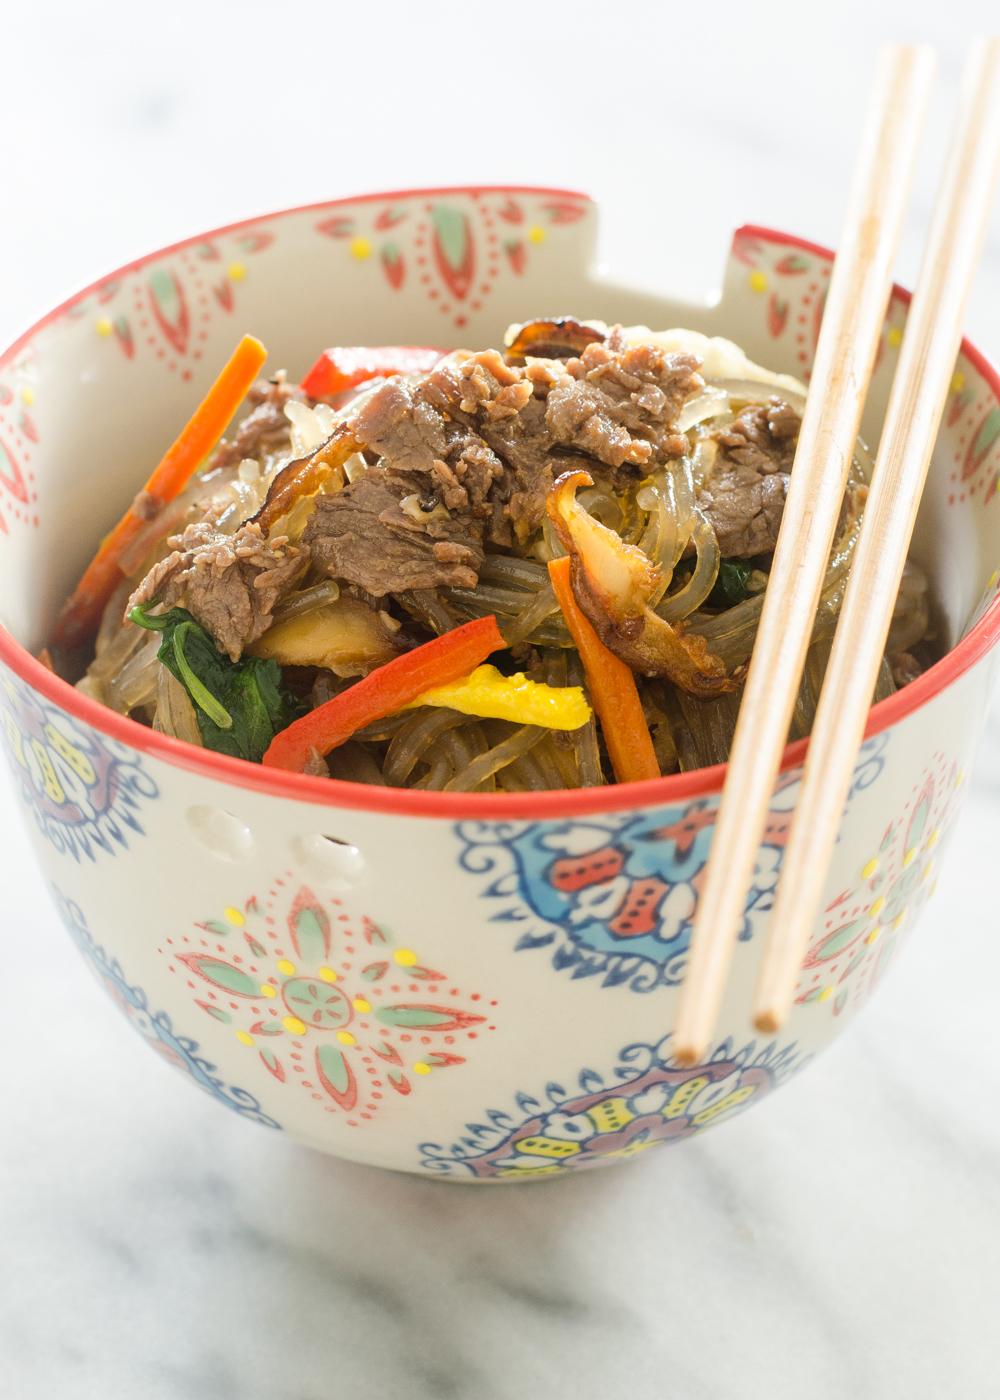 Butcher Box Review Meal 1 - Japchae